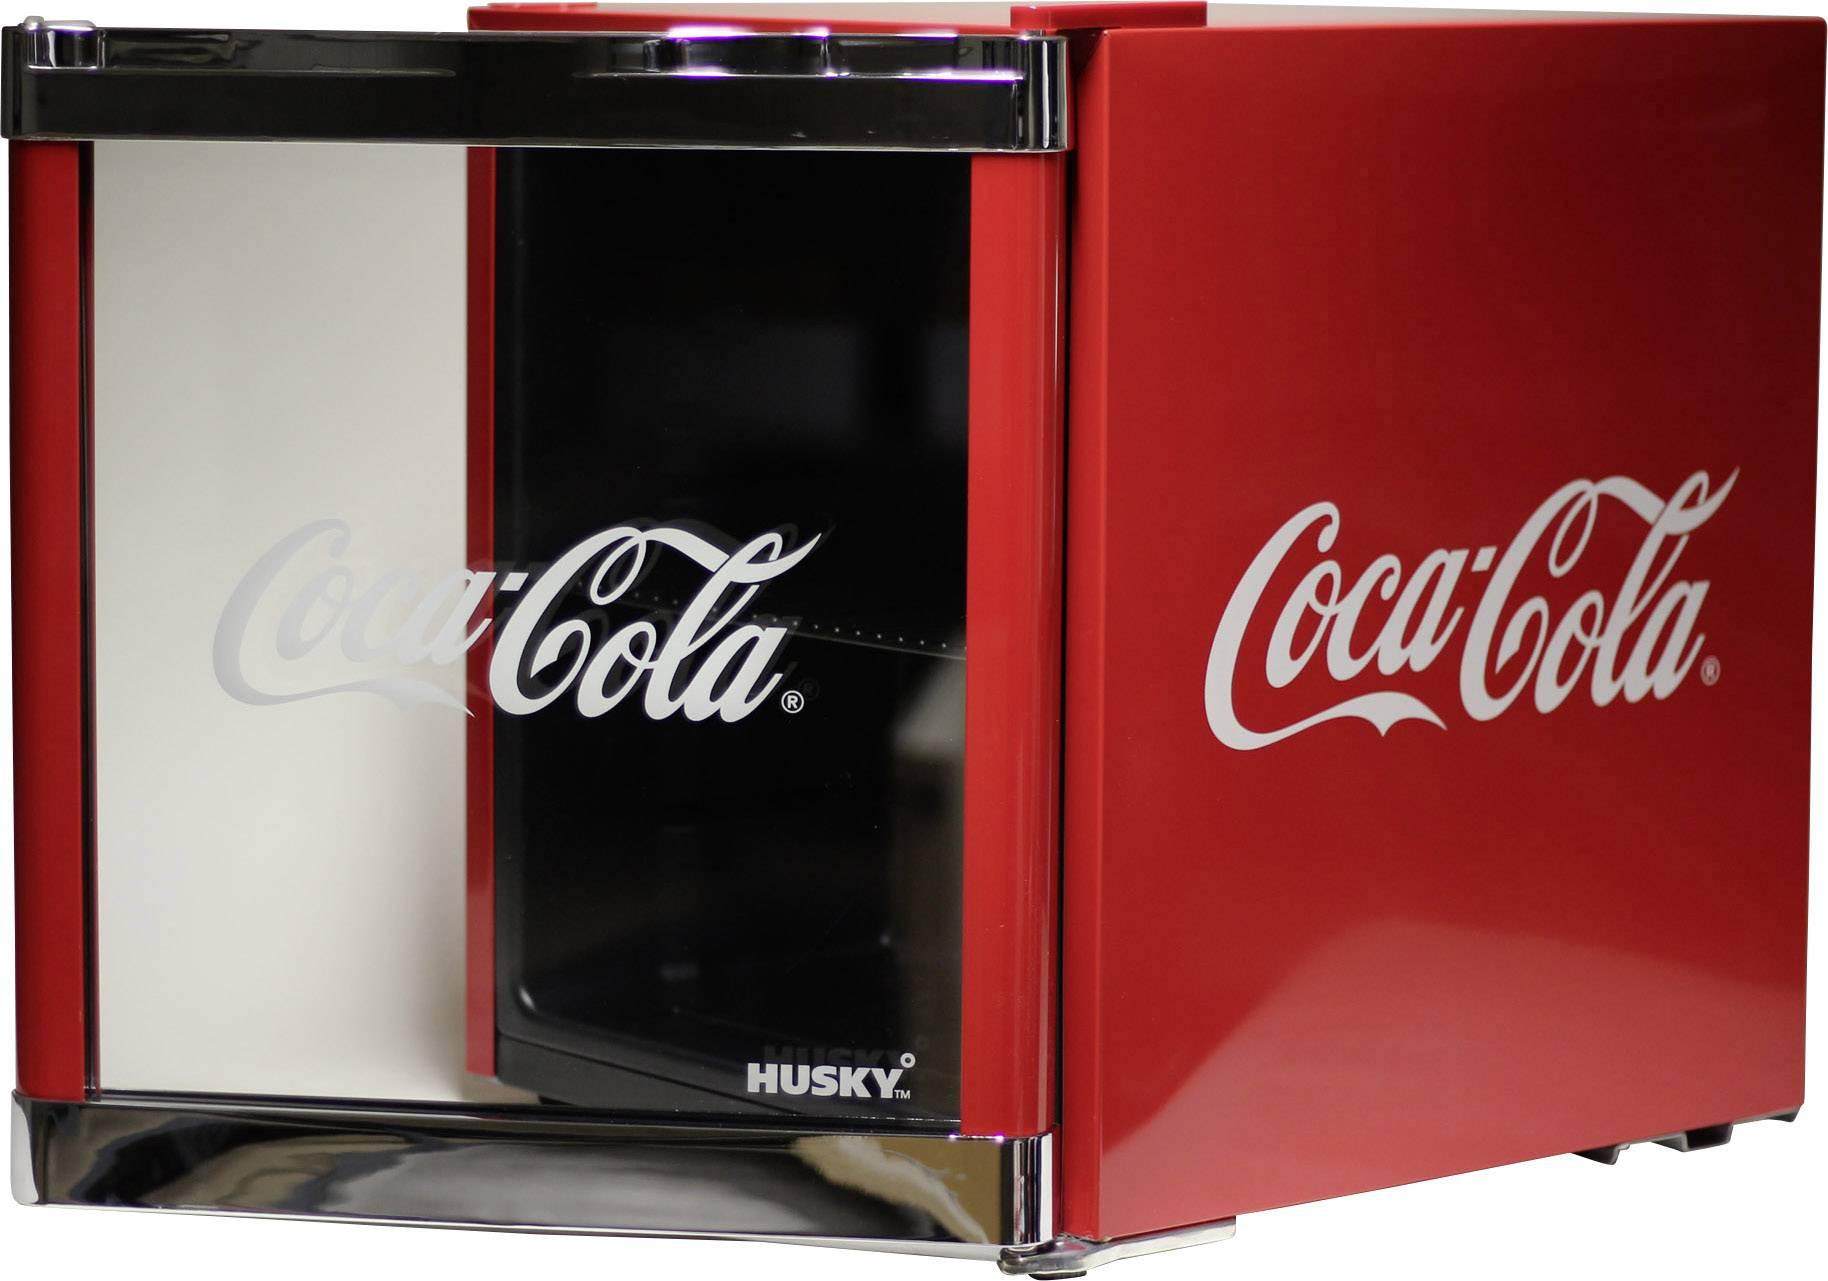 Kühlschrank Coca Cola : Holen sie sich ihren eigenen persönlichen coca cola kühlschrank